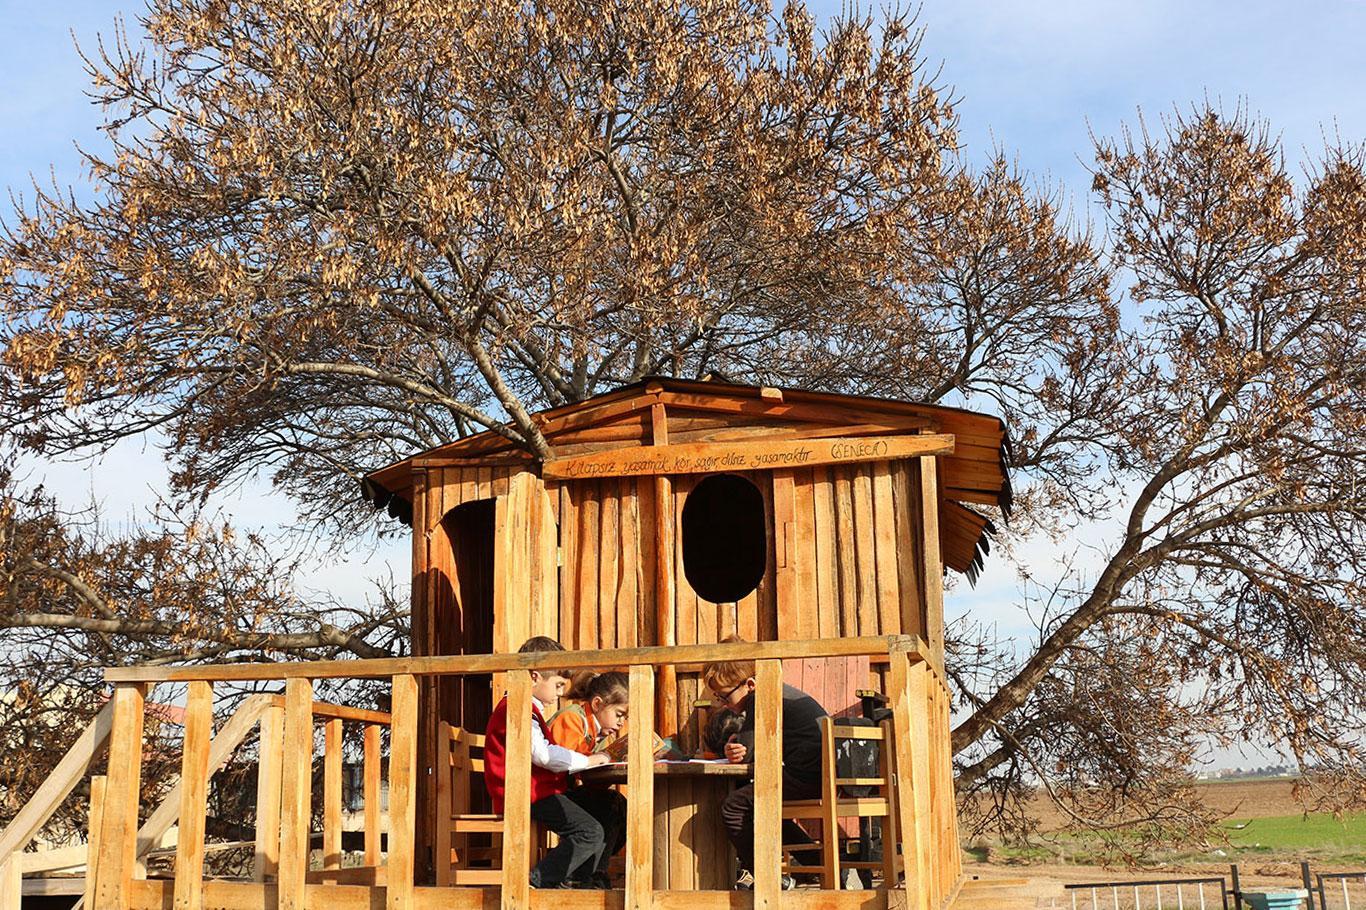 Öğretmenler ağaç ev yaptı, öğrencilerin devamsızlık problemi kalmadı